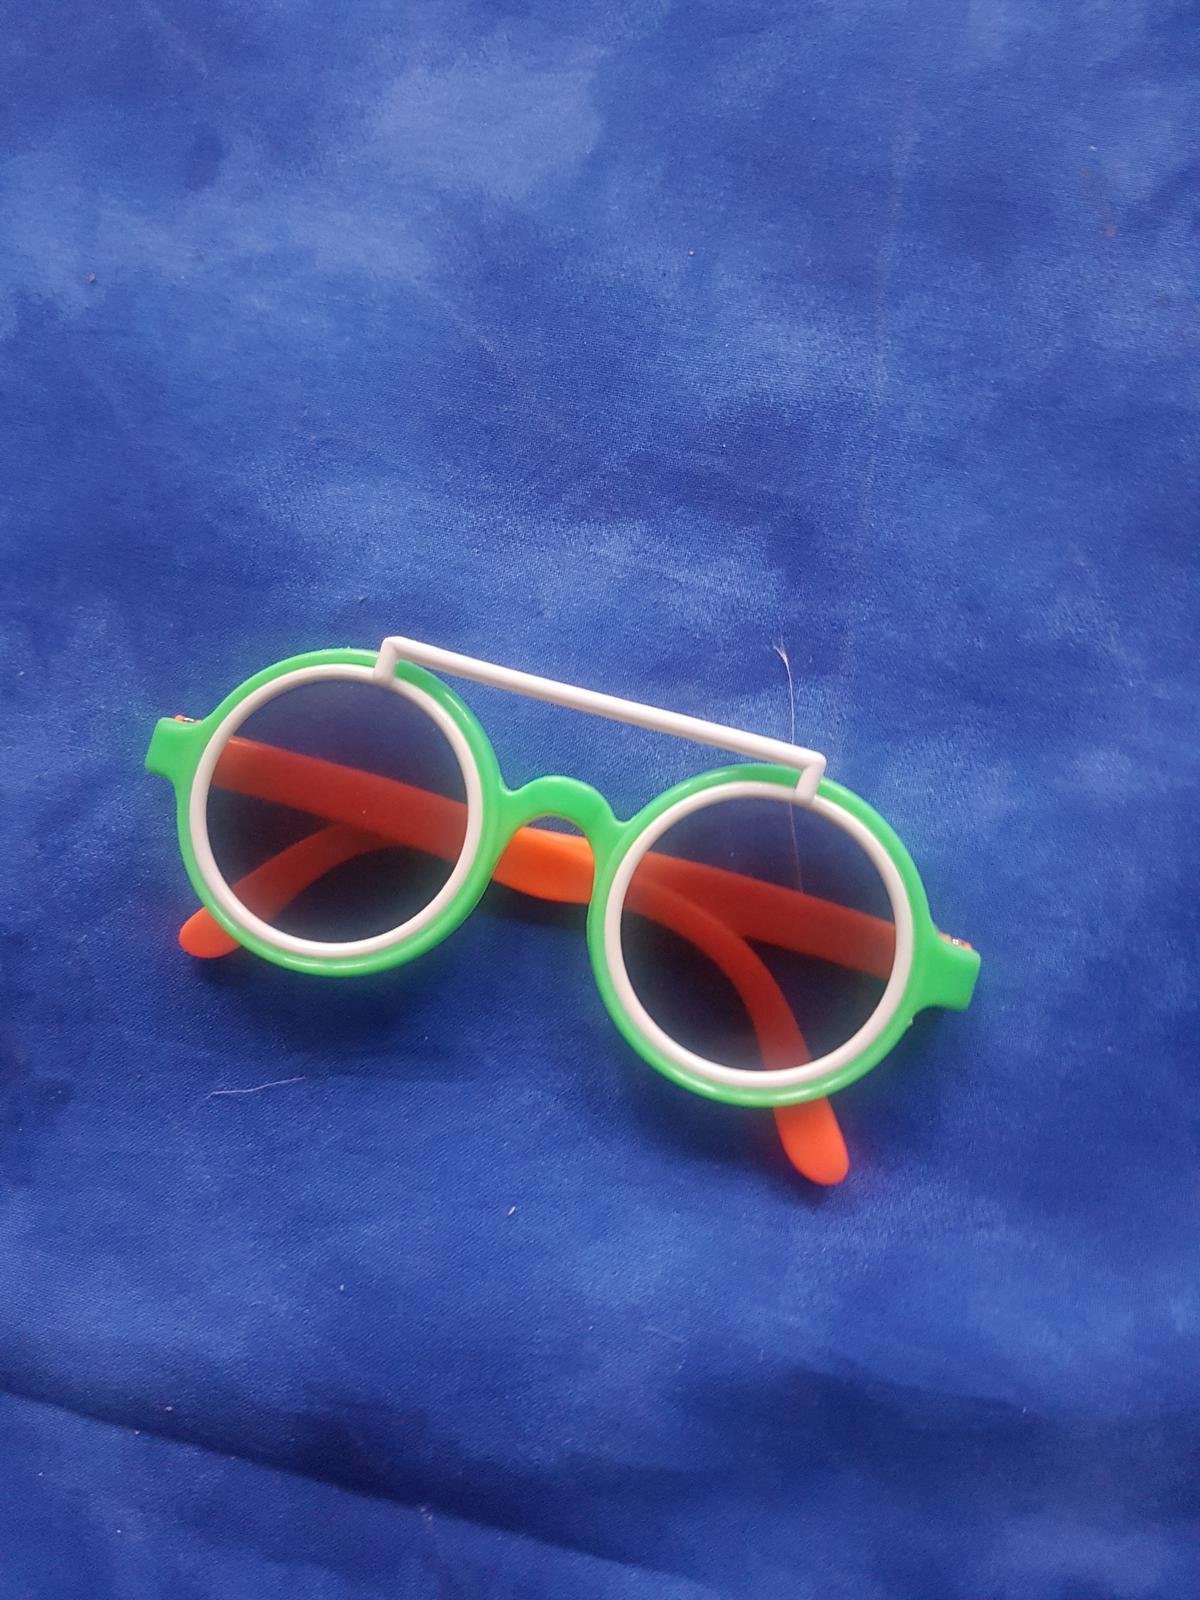 Brýle fotokoutek - Obrázek č. 1